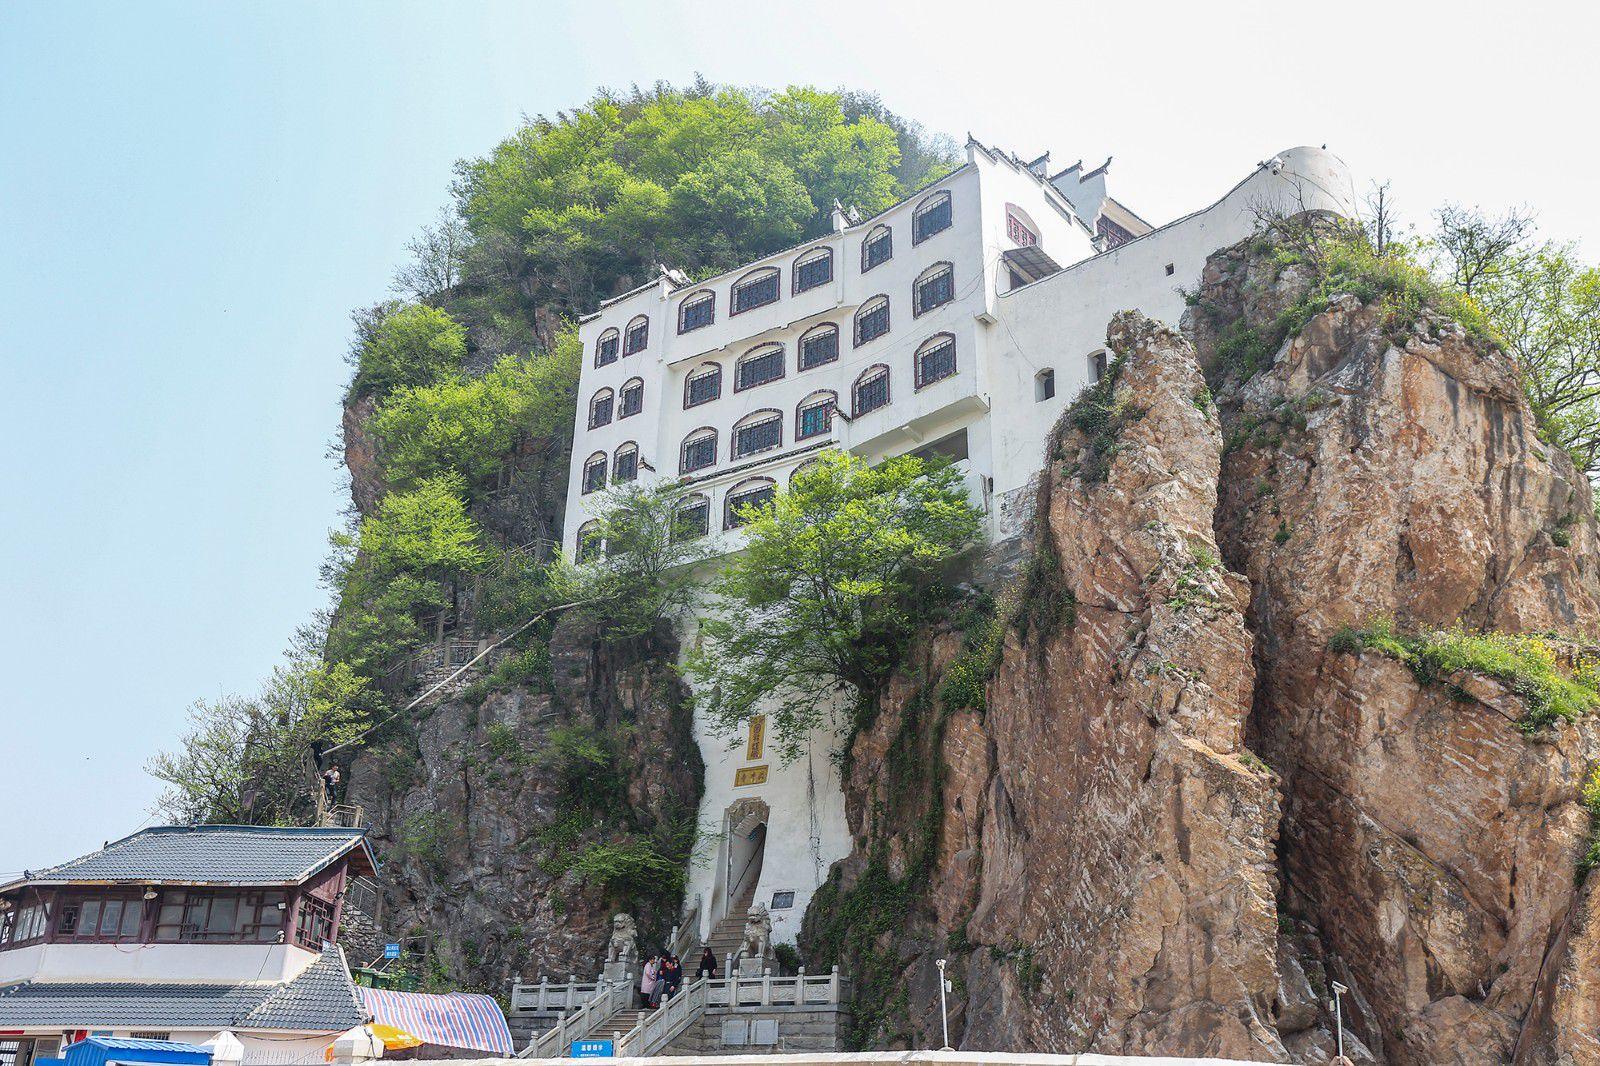 Kota terbesar di Anhui, telah menjadi ibu kota provinsi selama 282 tahun, dan berasal dari kata